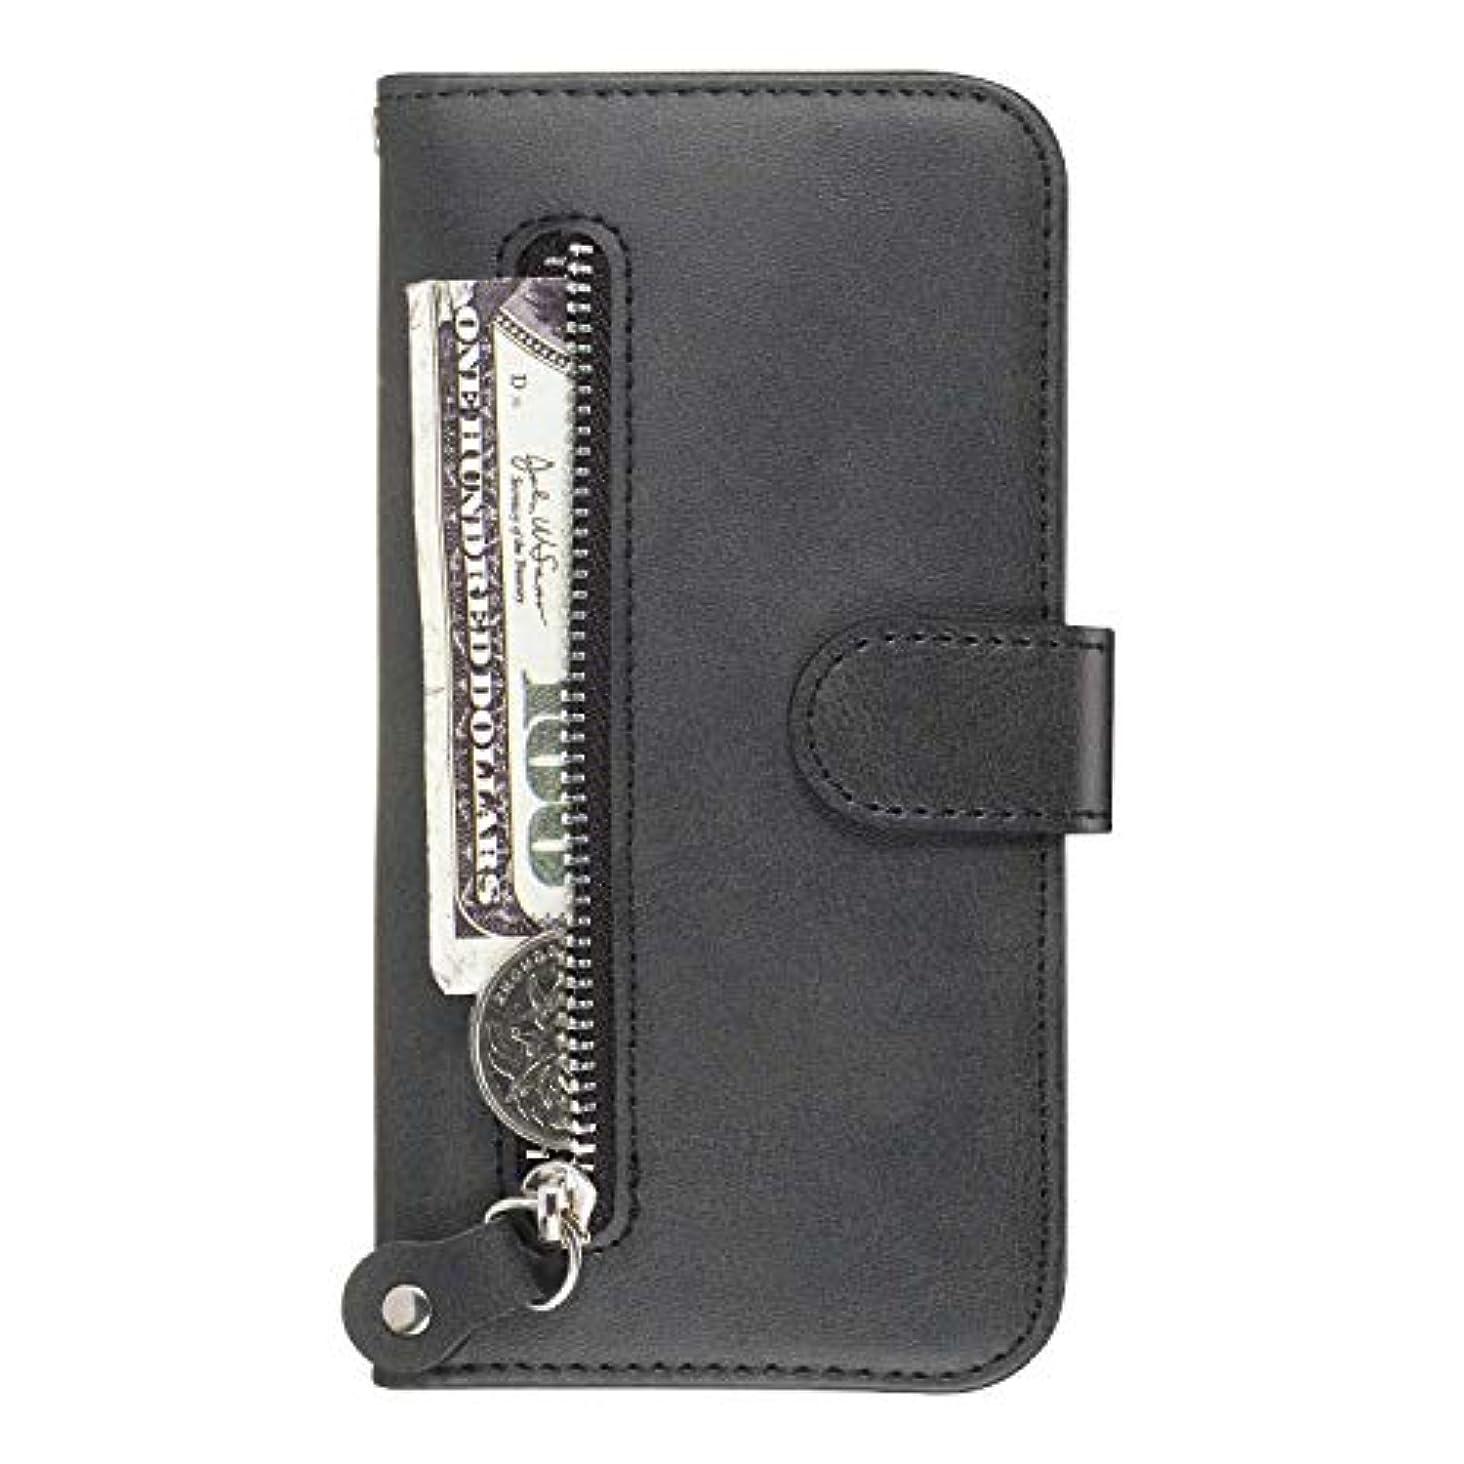 開始賃金耐久OMATENTI iPhone X/iPhone XS ケース, 軽量 PUレザー 薄型 簡約風 人気カバー バックケース iPhone X/iPhone XS 用 Case Cover, 液晶保護 カード収納, 財布と...